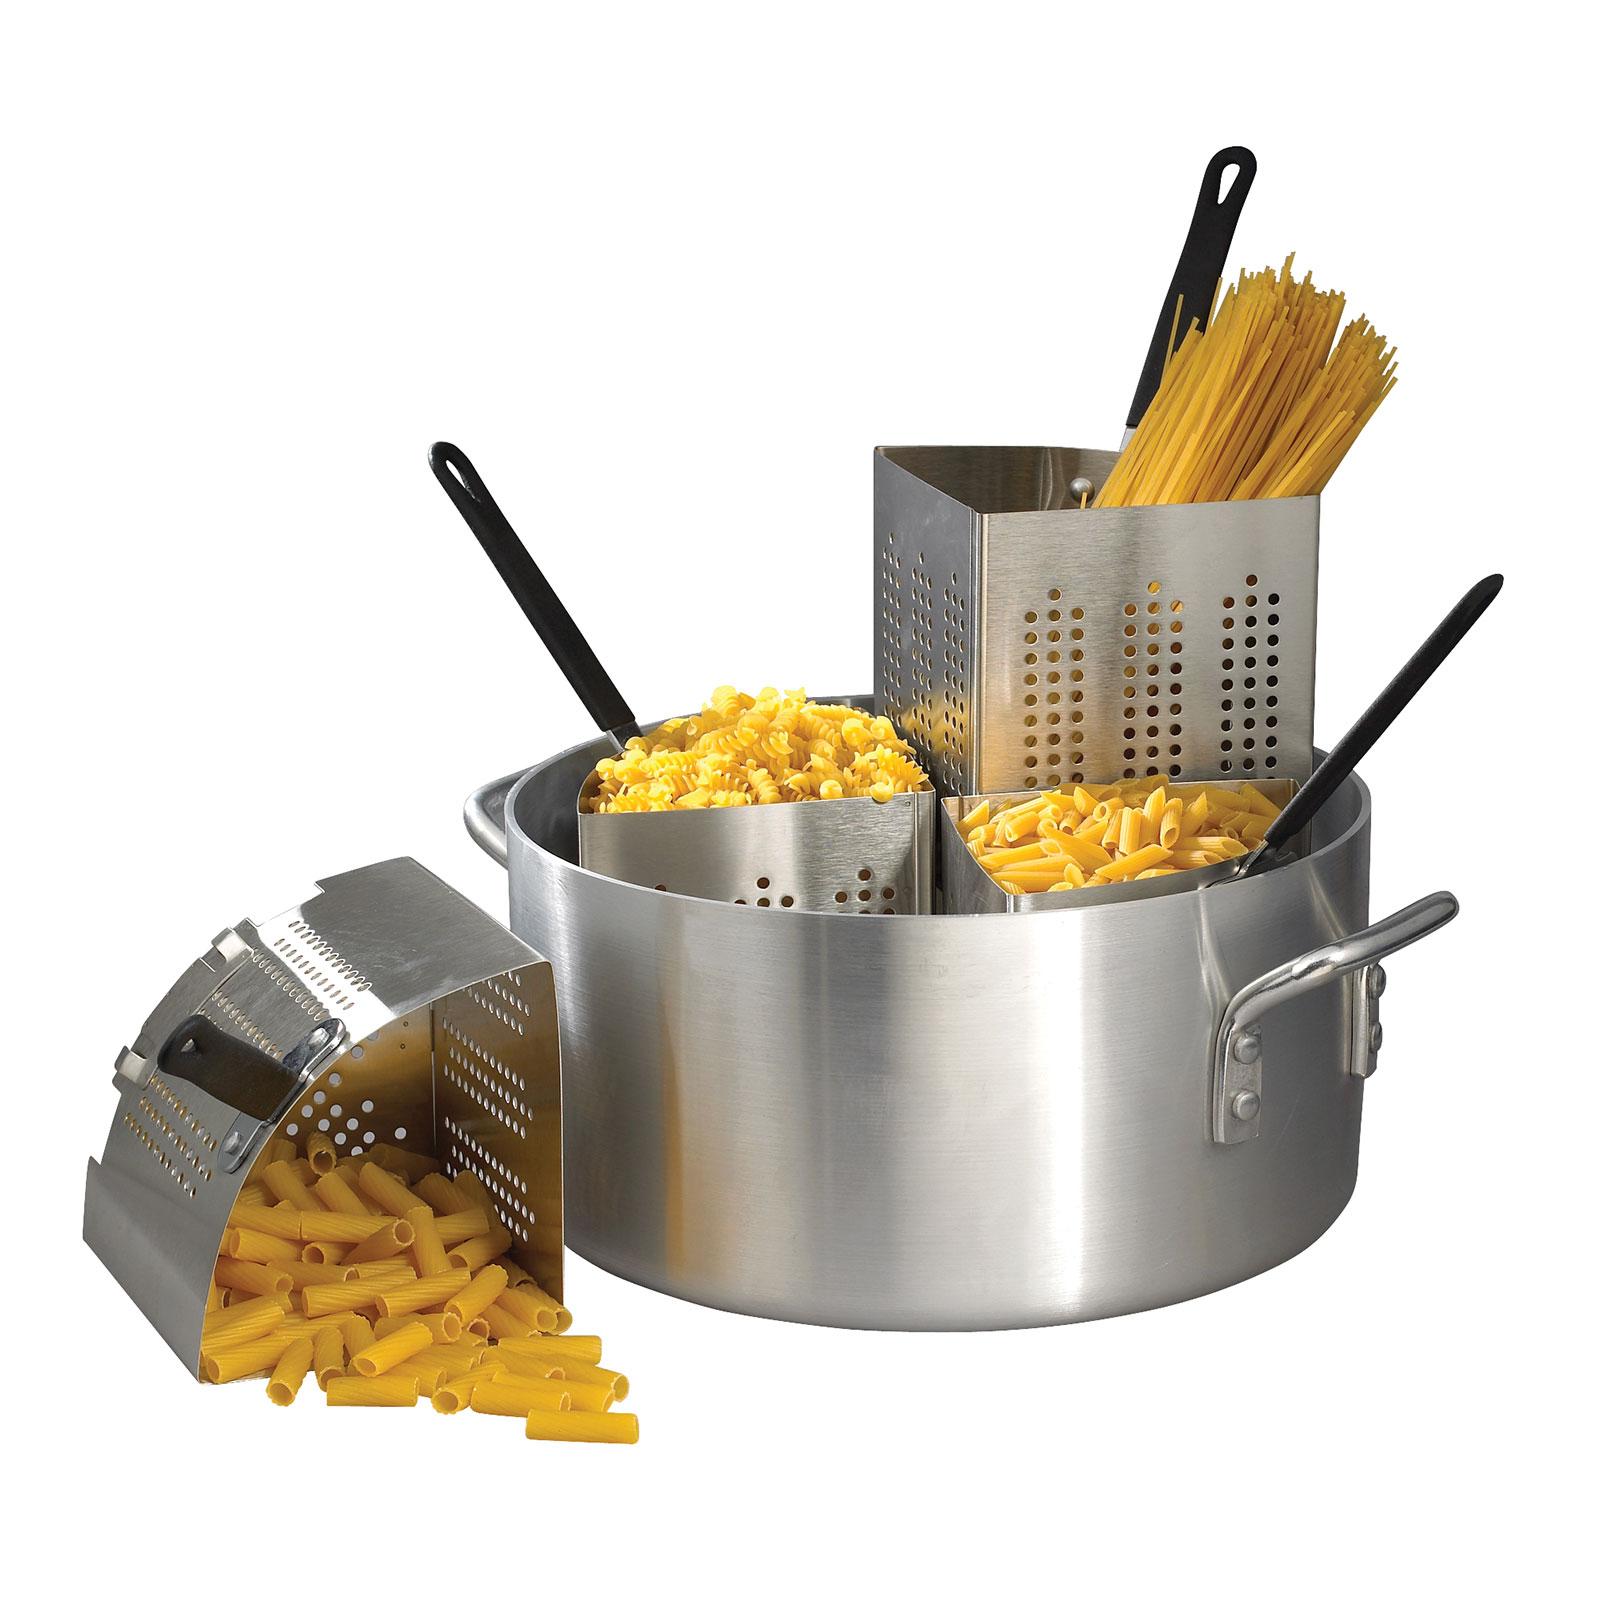 2904-40 Winco APS-20 pasta pot